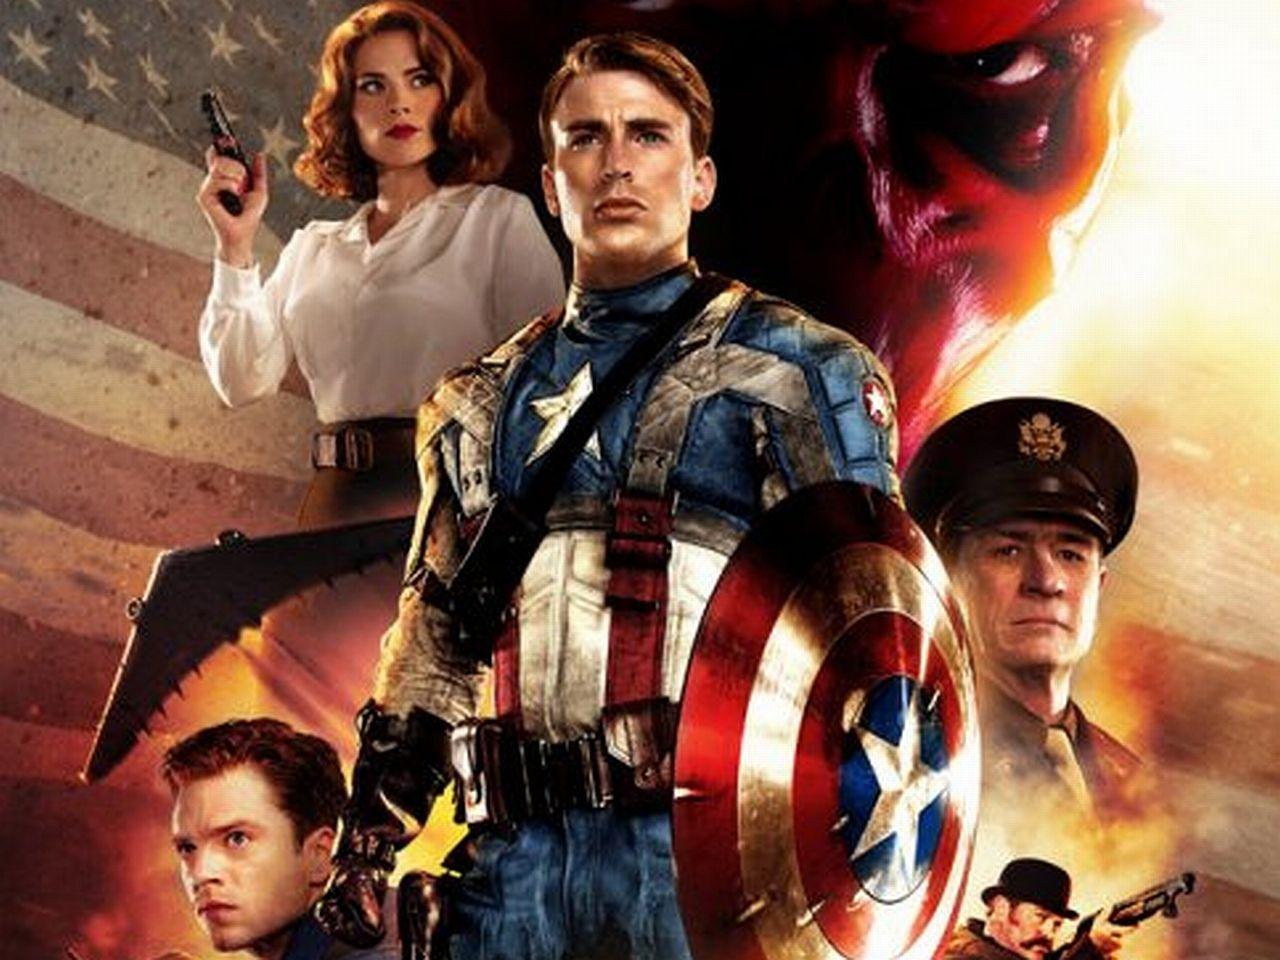 Épinglé par Celeste sur The Avengers | Avengers film ...